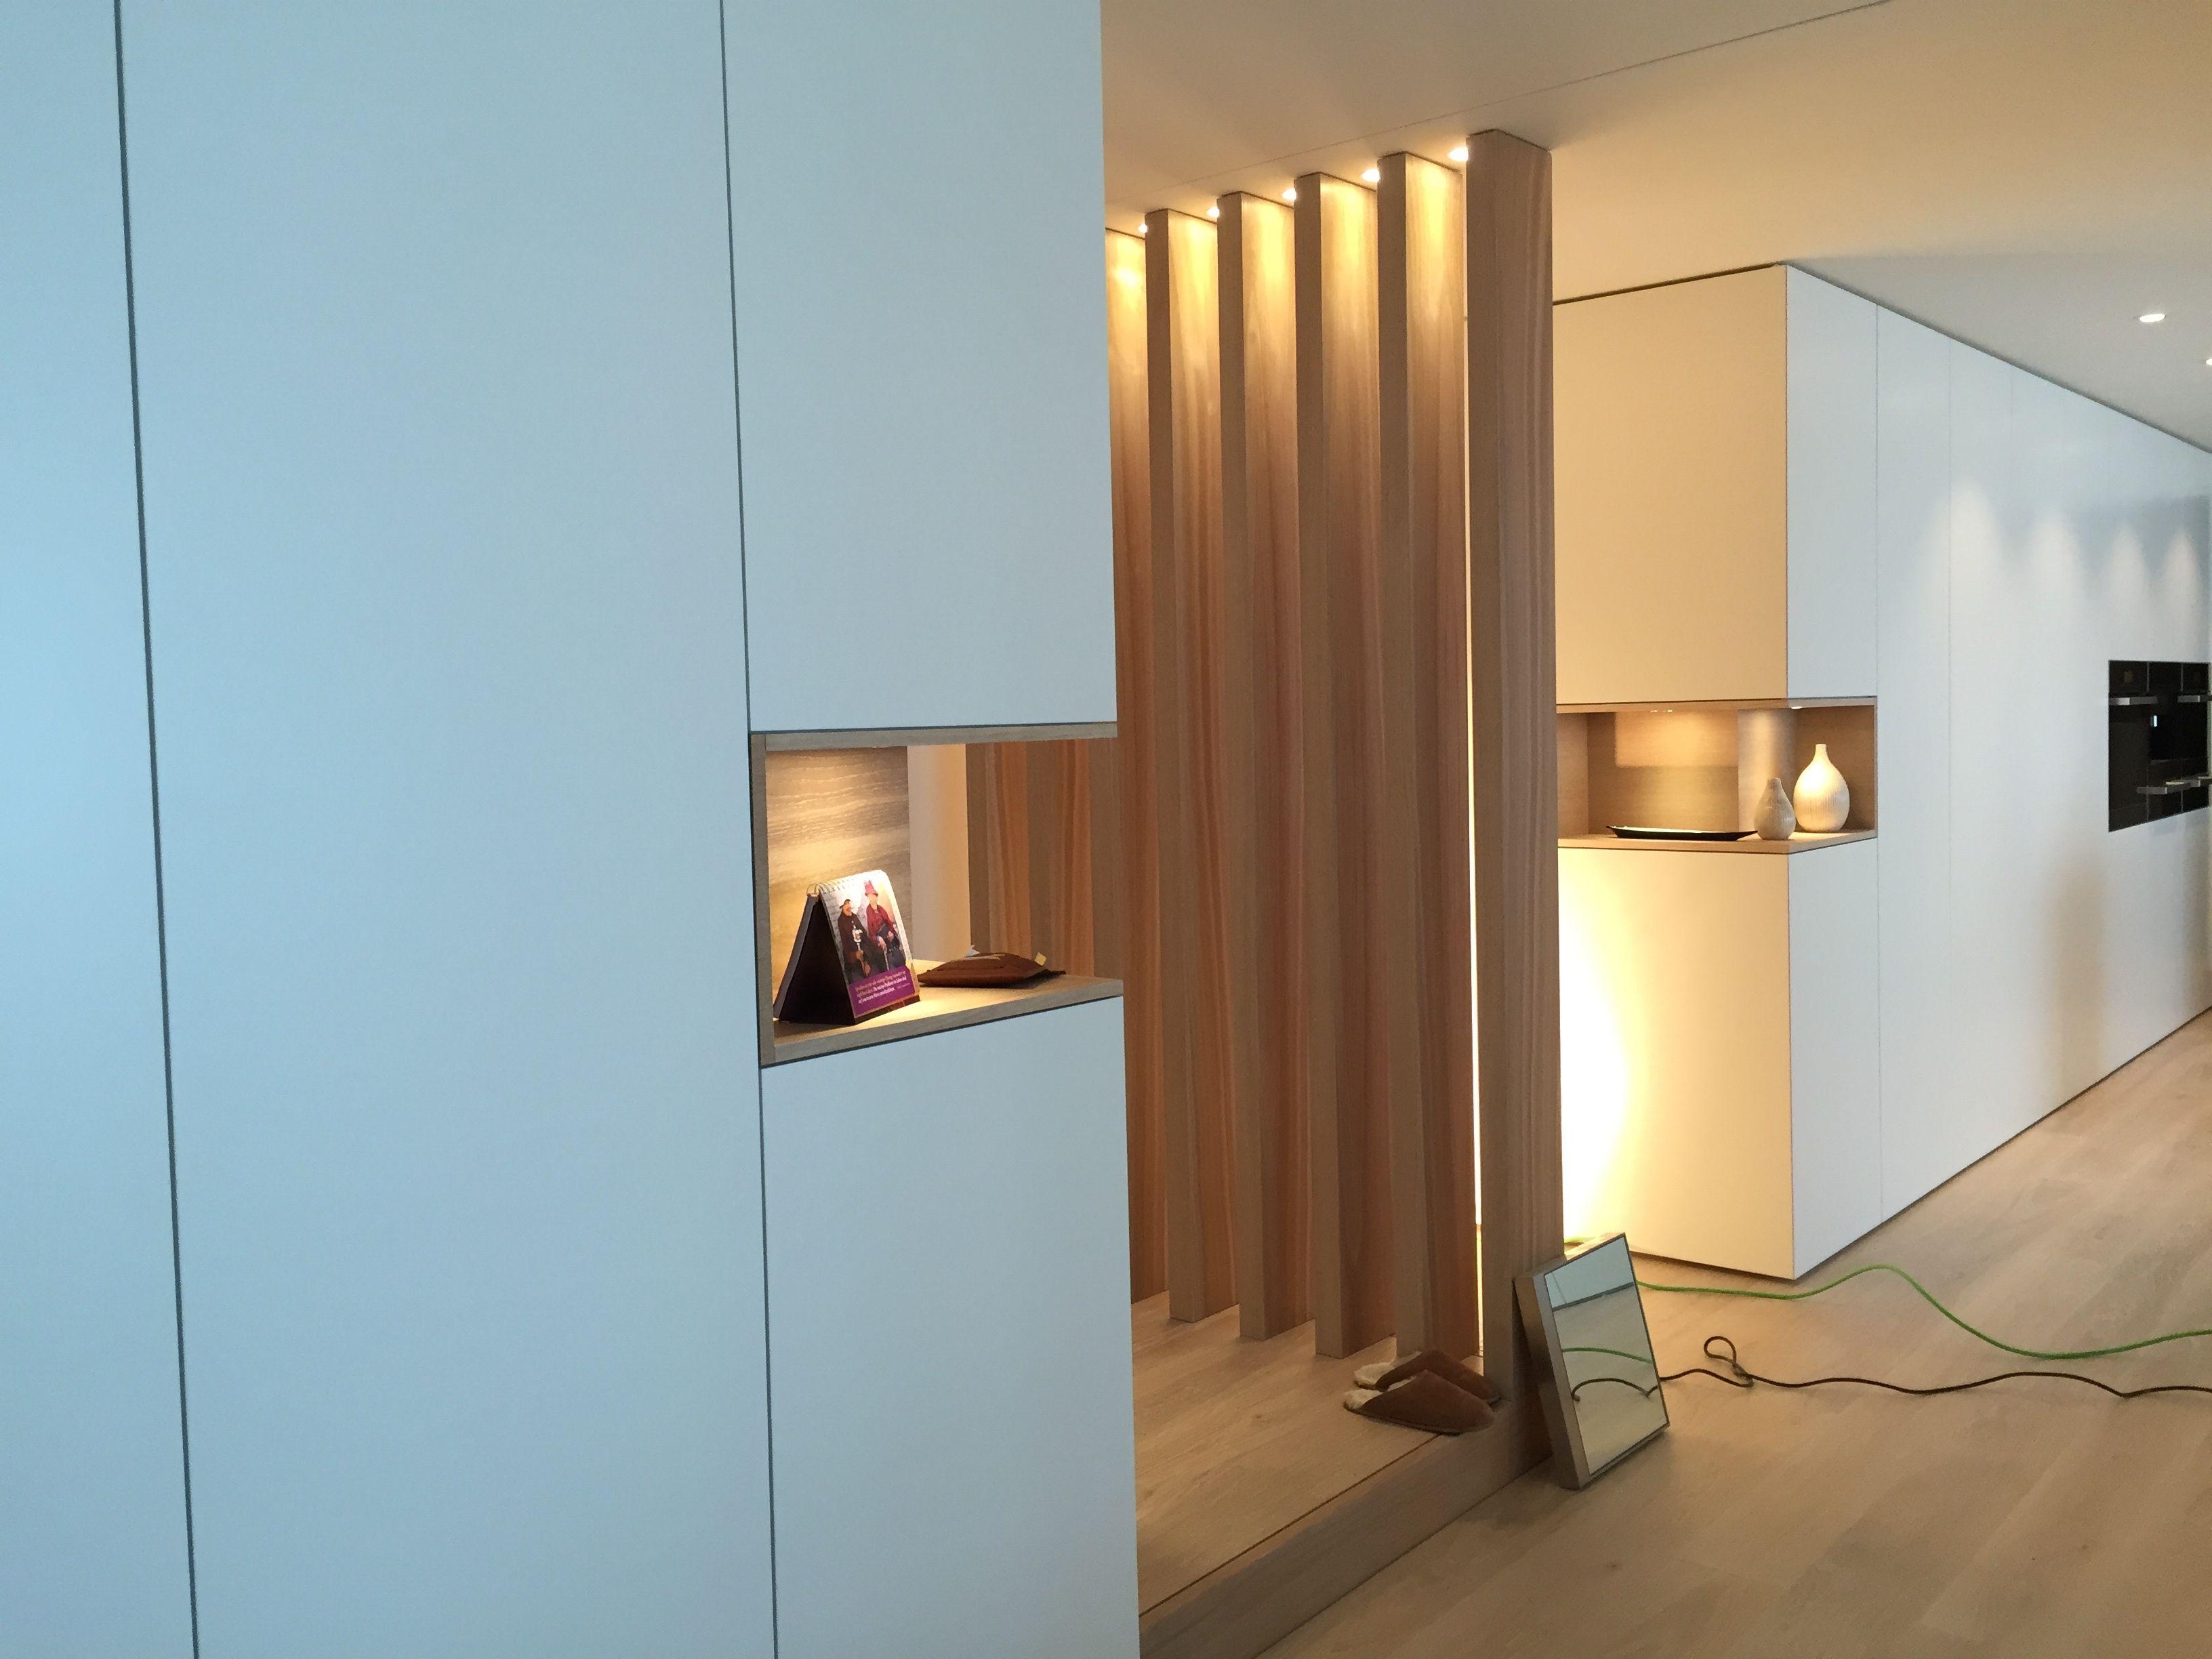 Innenarchitektur privat gerade abgeschlossene projekte for Innenarchitektur wohnzimmer holz